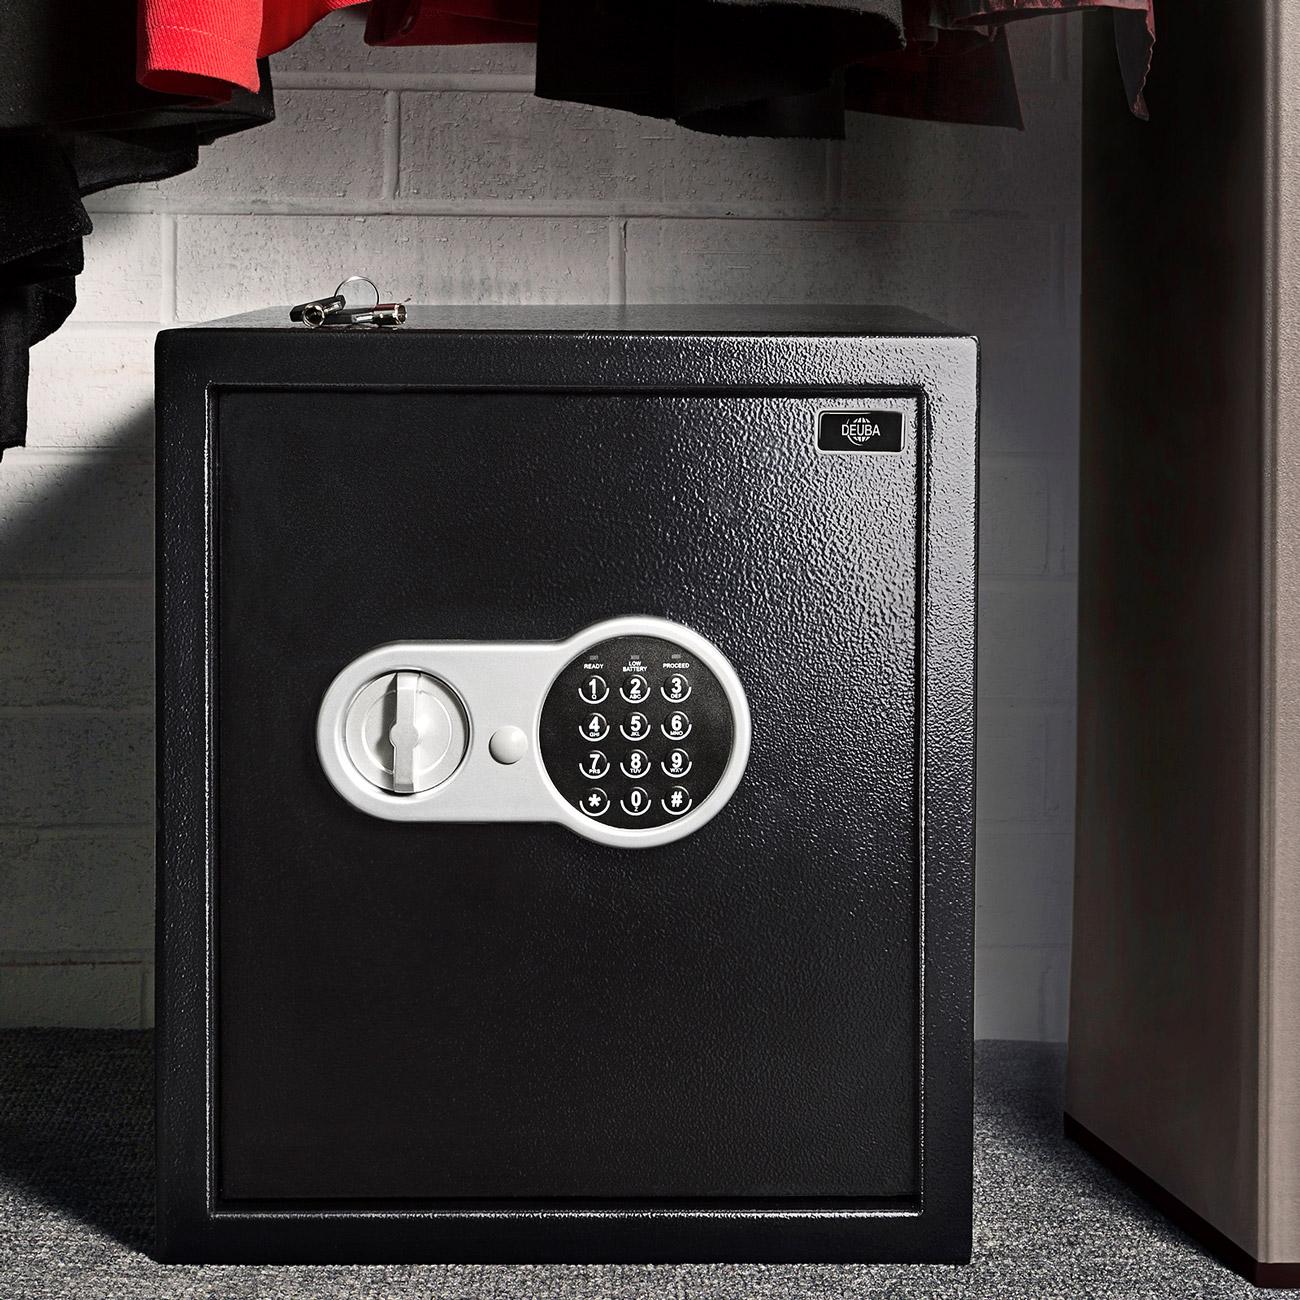 MAN électronique coffre-fort coffre noir 36 cm haussafe geldtresor